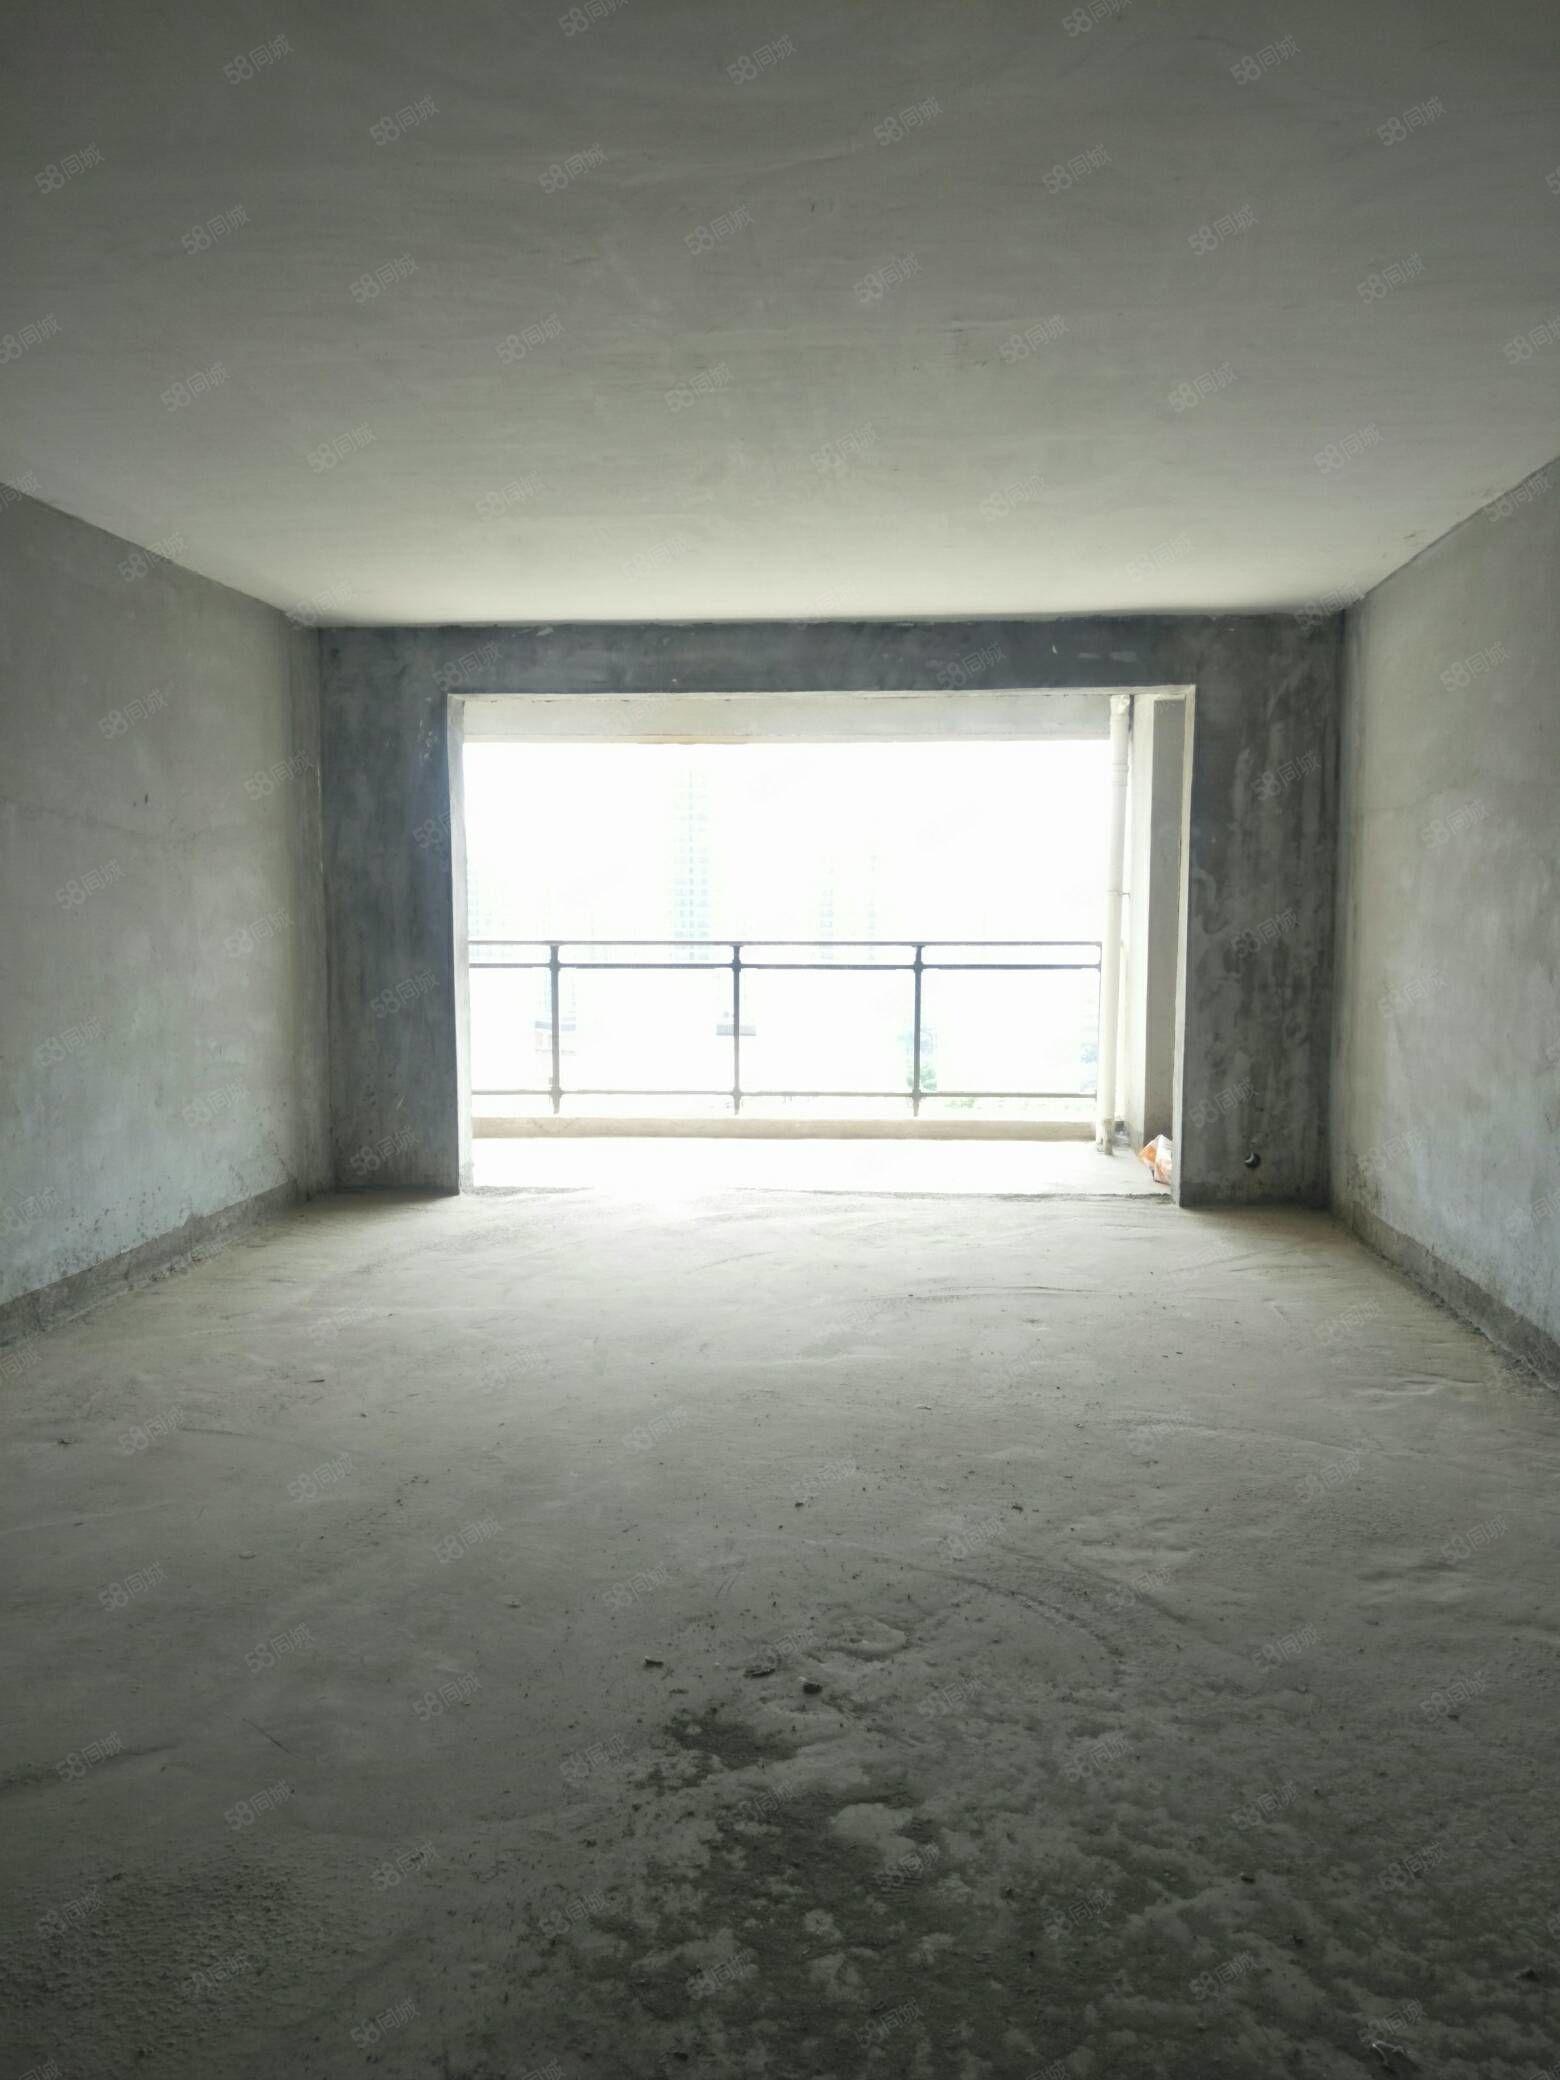 急售建設路水景灣八小學期房毛坯四居室支持貸款配套齊全采光通風